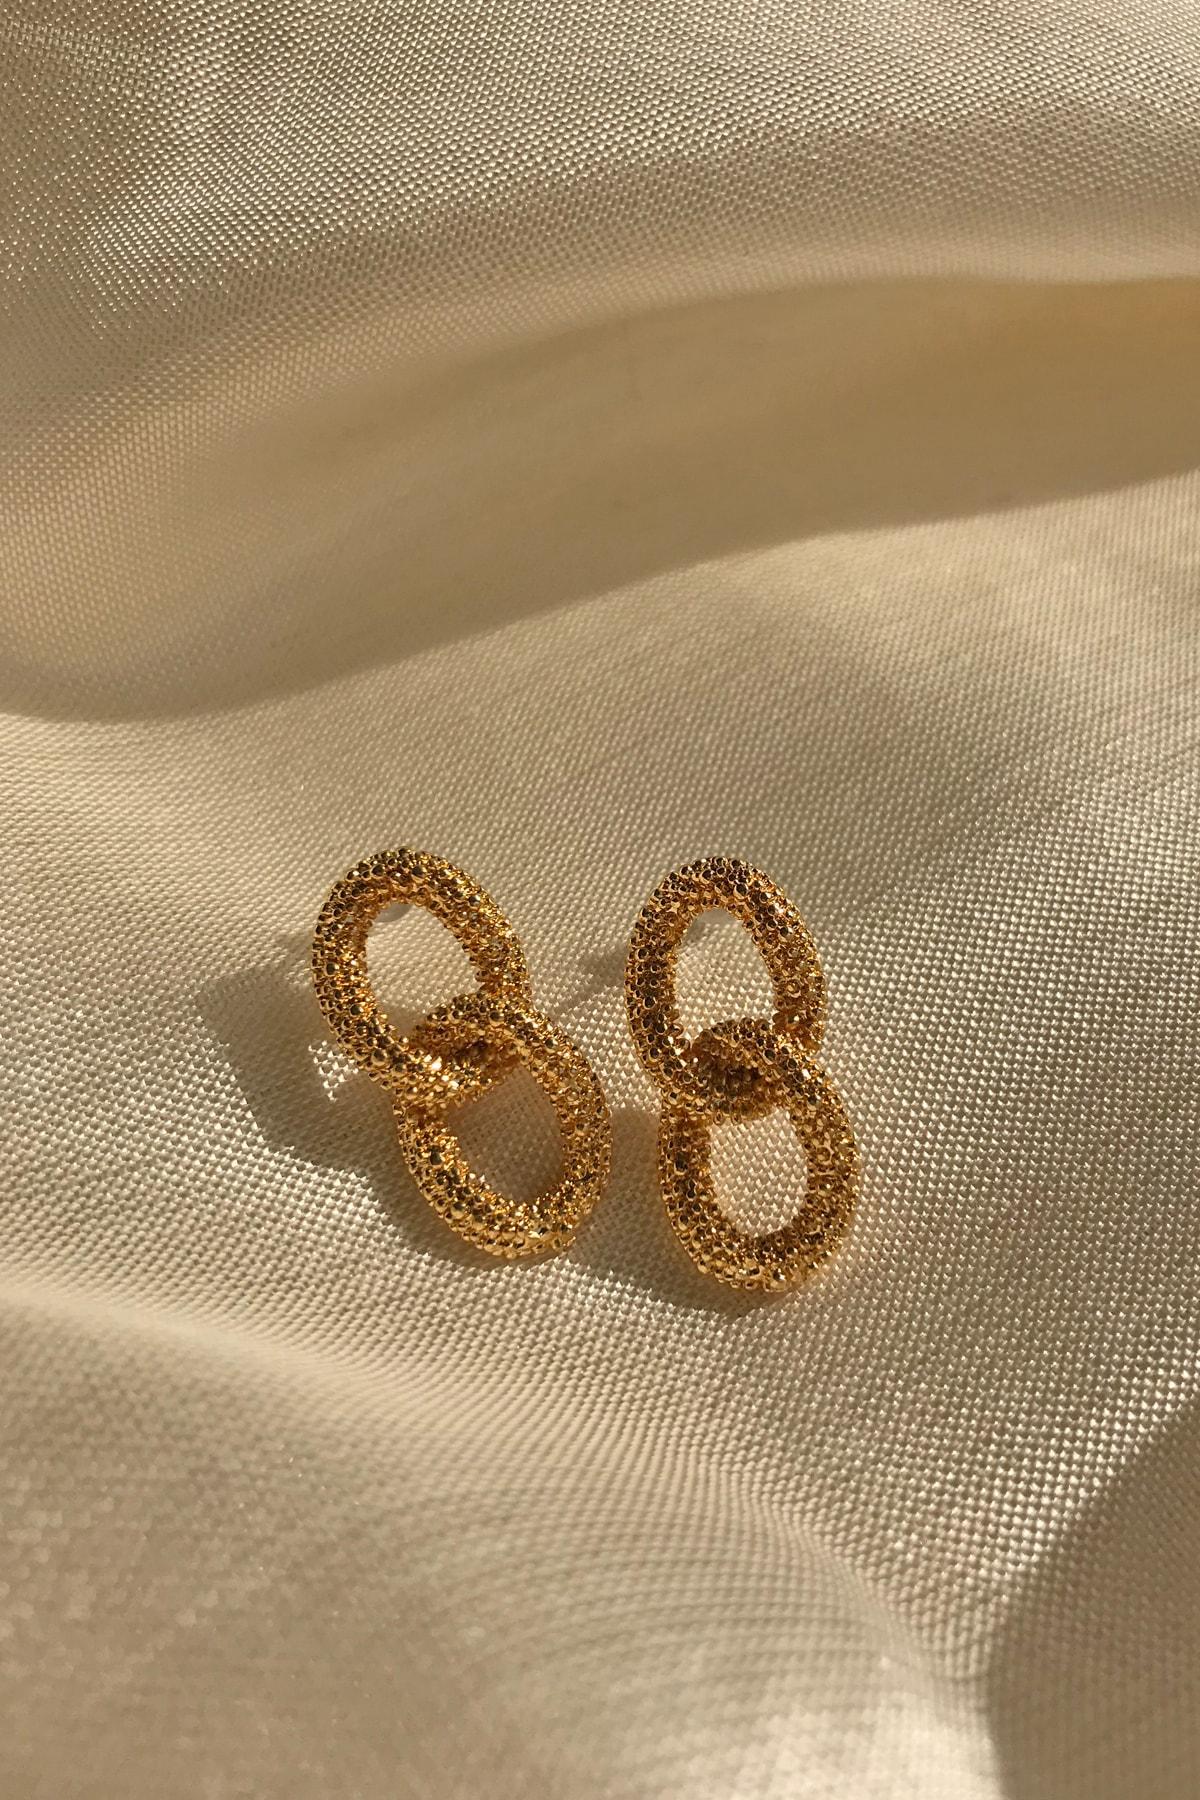 Bade Takı Kadın Altın Rengi Burgu Küpe 1